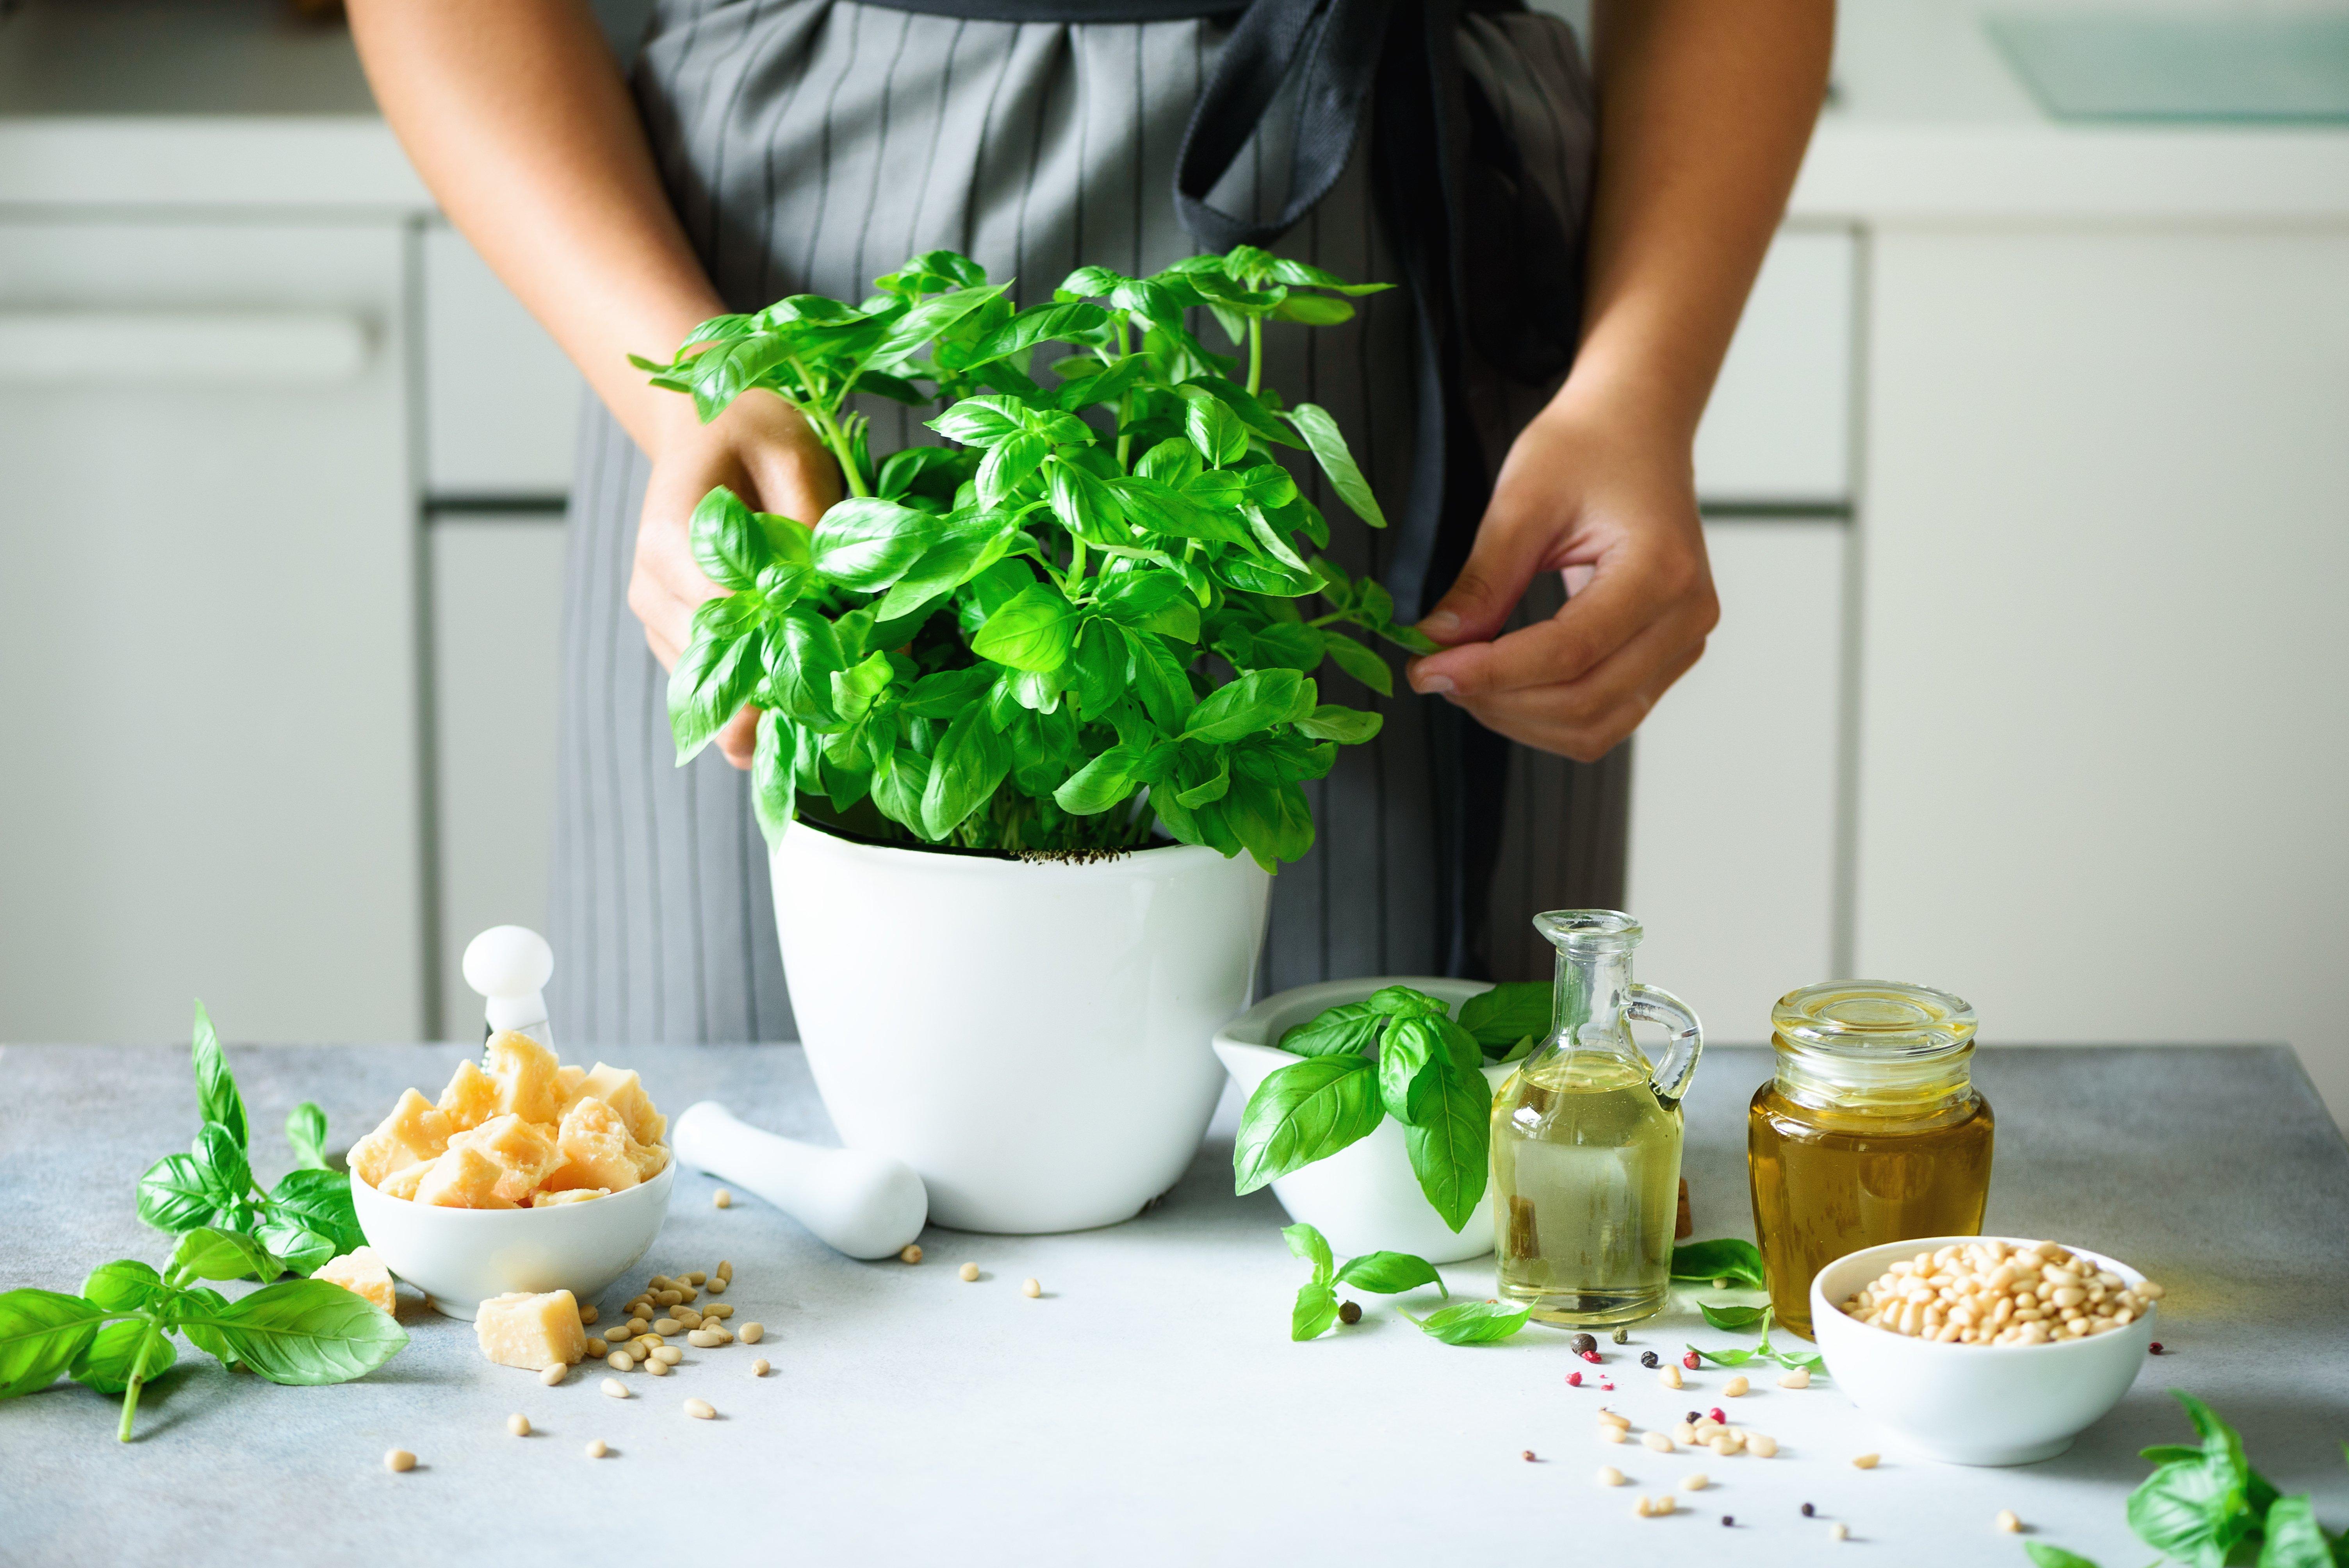 Une femme prépare des feuilles de basilic | Photo : Shutterstock